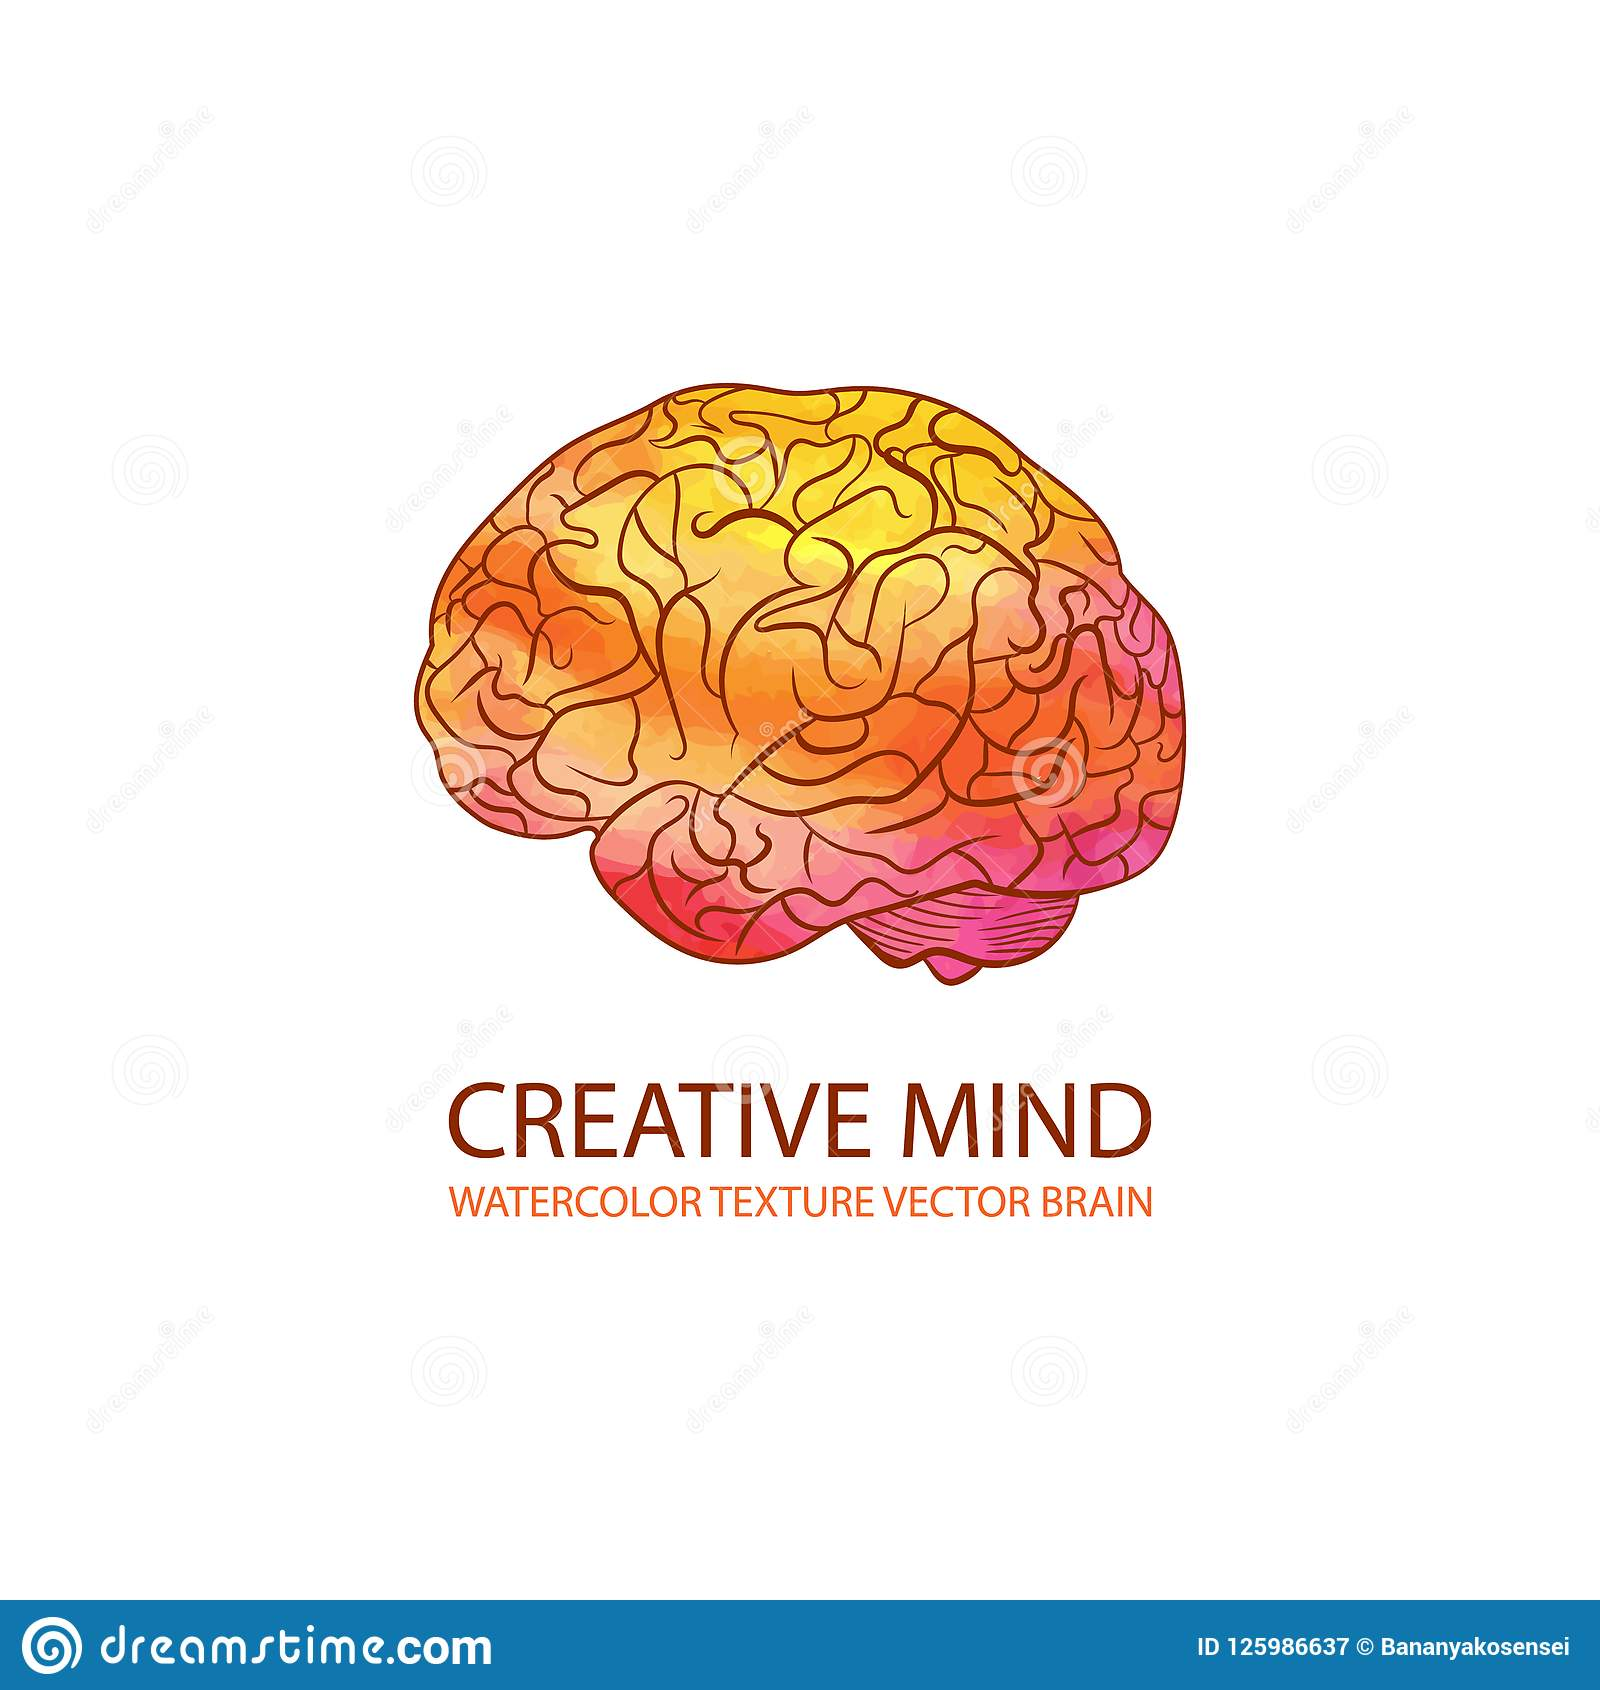 Wektorowa Kreatywnie umysł ilustracja, akwarela Gradientowy Kolorowy mózg, loga szablon